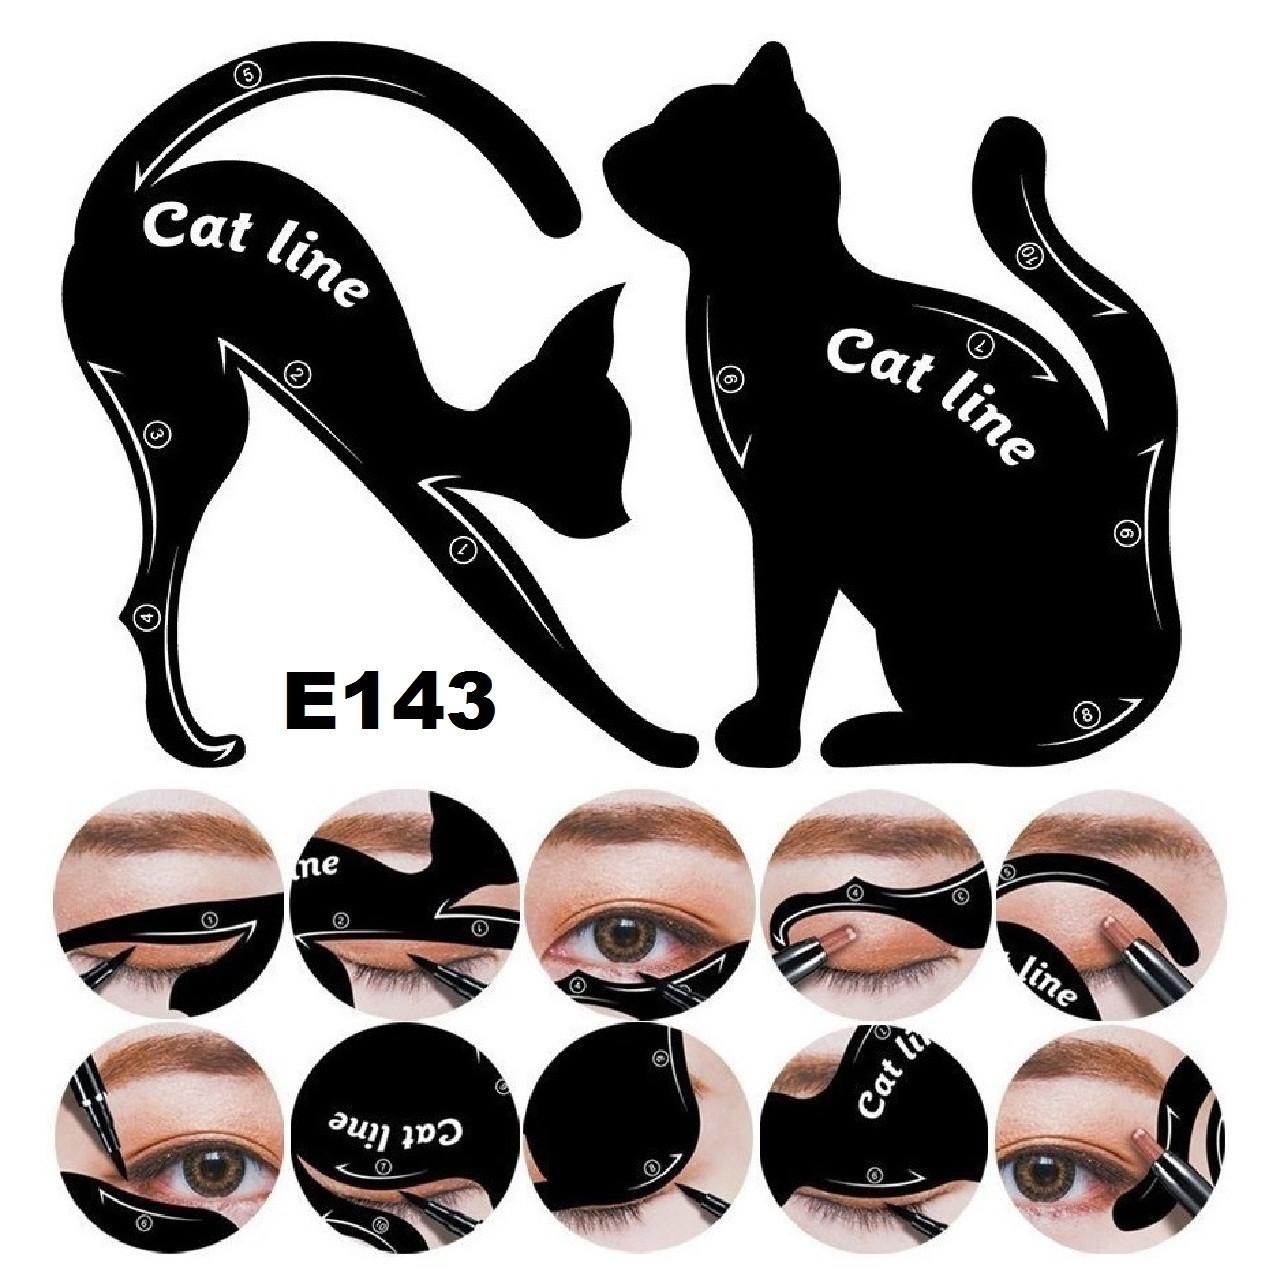 Набор трафаретов для стрелок и теней (8 видов) Котики, Черный